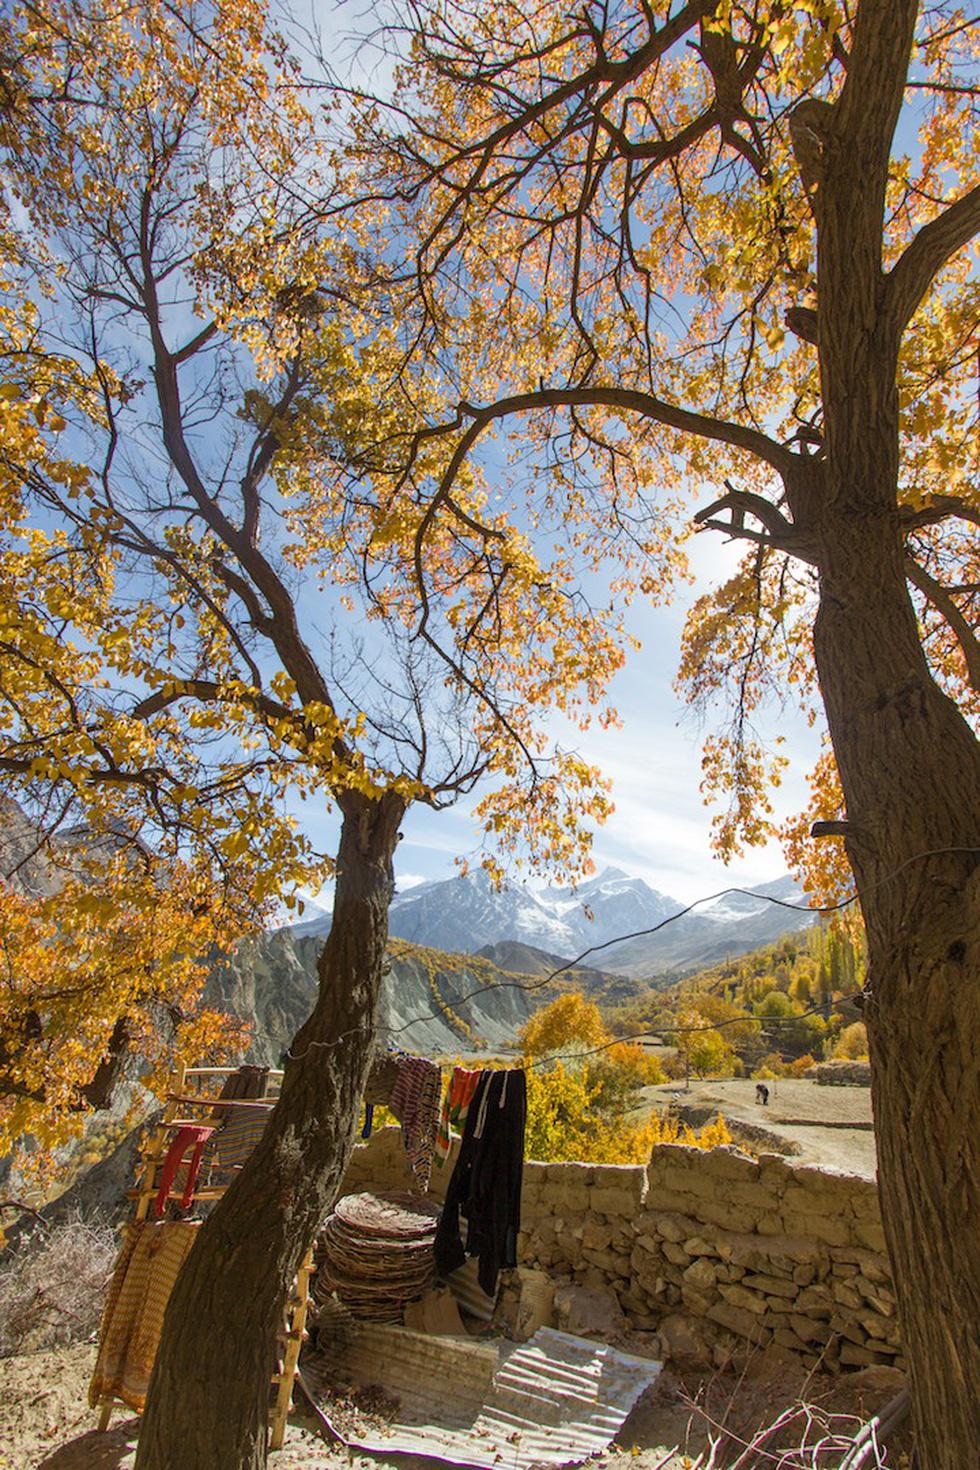 Huyền thoại mùa thu ở Hunza - miền Bắc Pakistan - Ảnh 8.